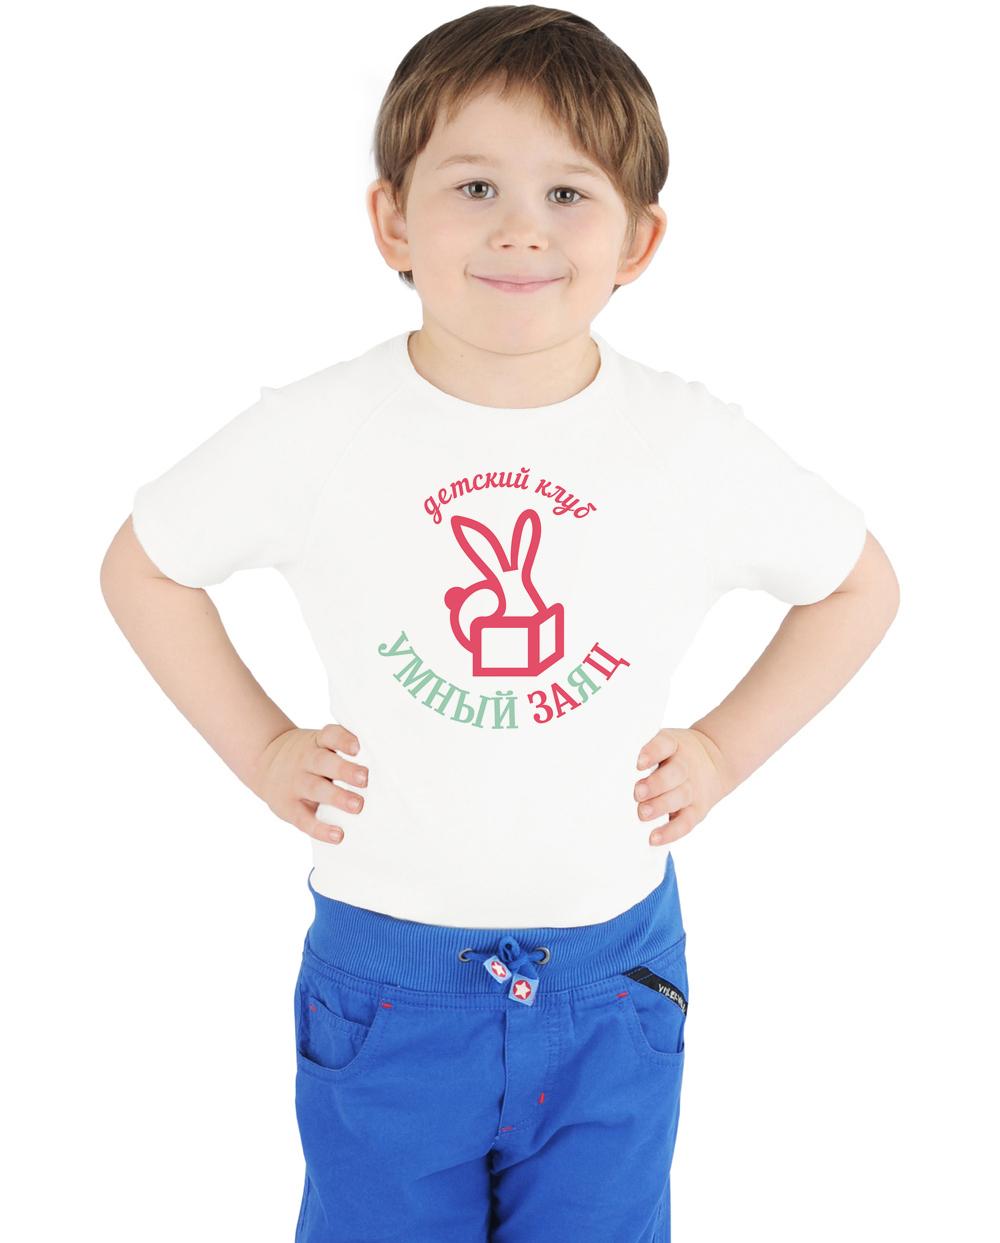 Разработать логотип и фирменный стиль детского клуба фото f_52255612342f1a59.jpg